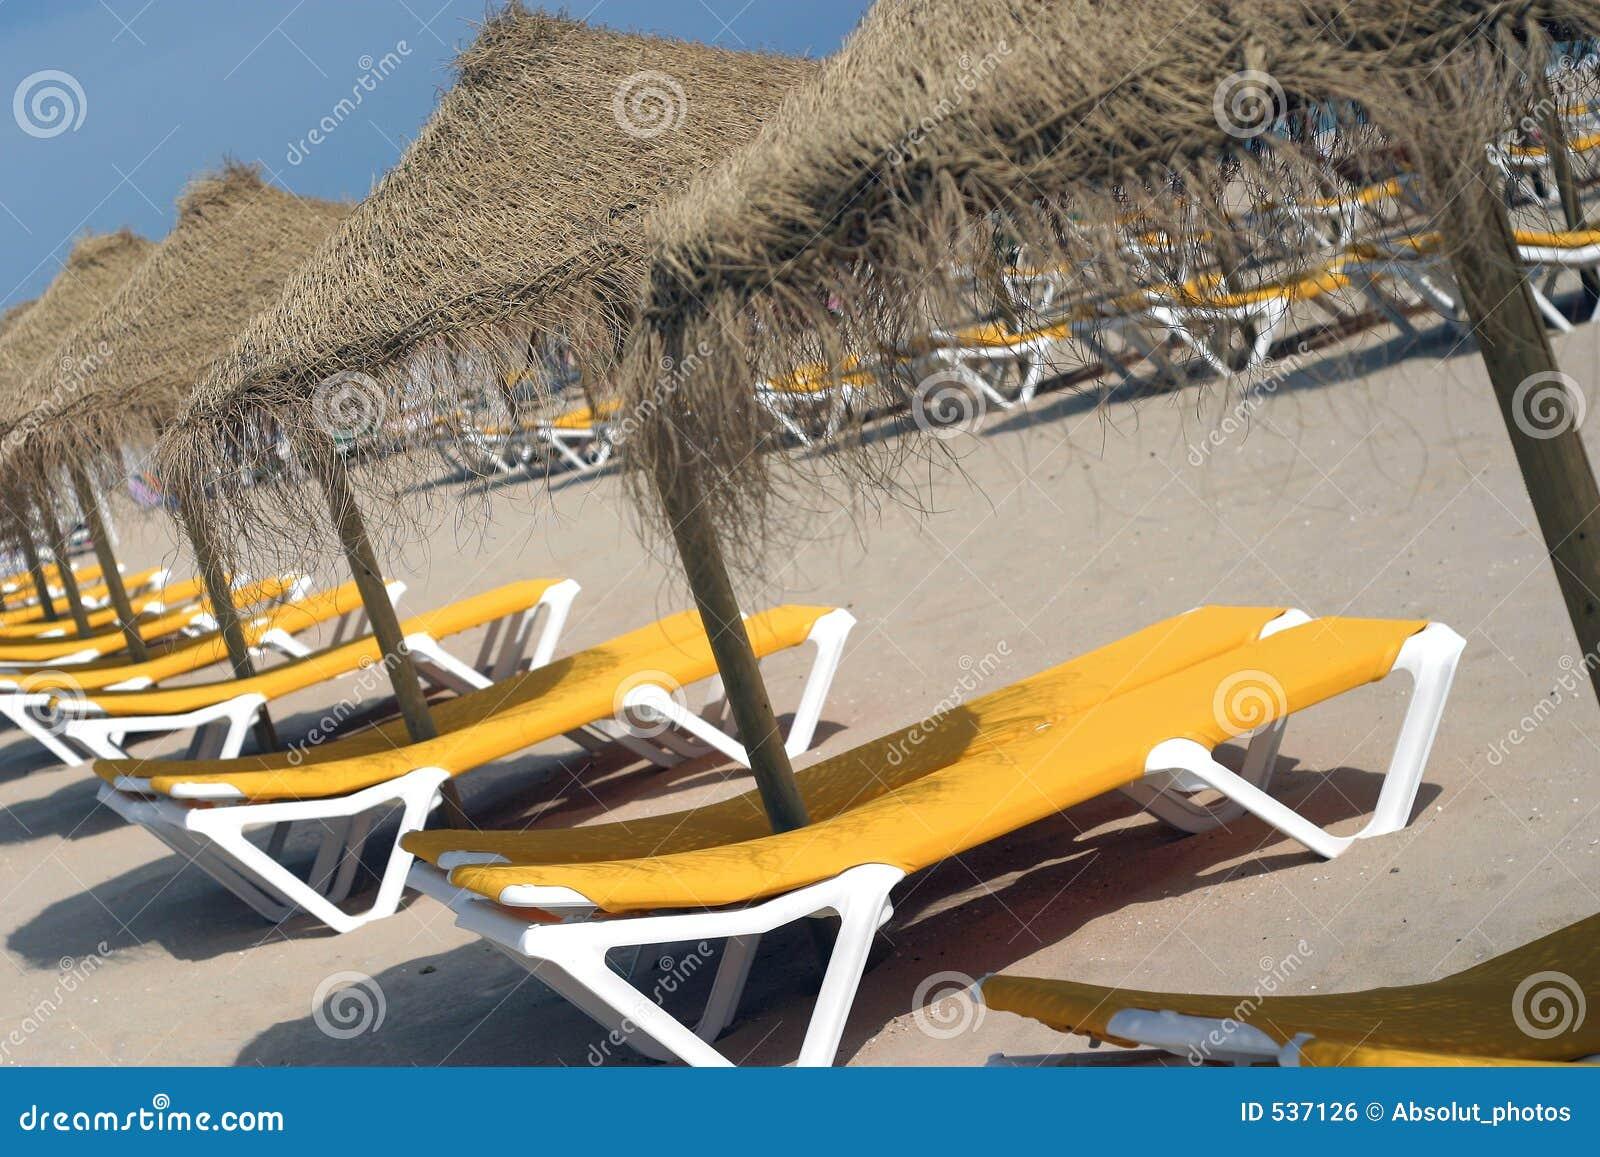 Cadeiras e guarda-chuvas de praia.